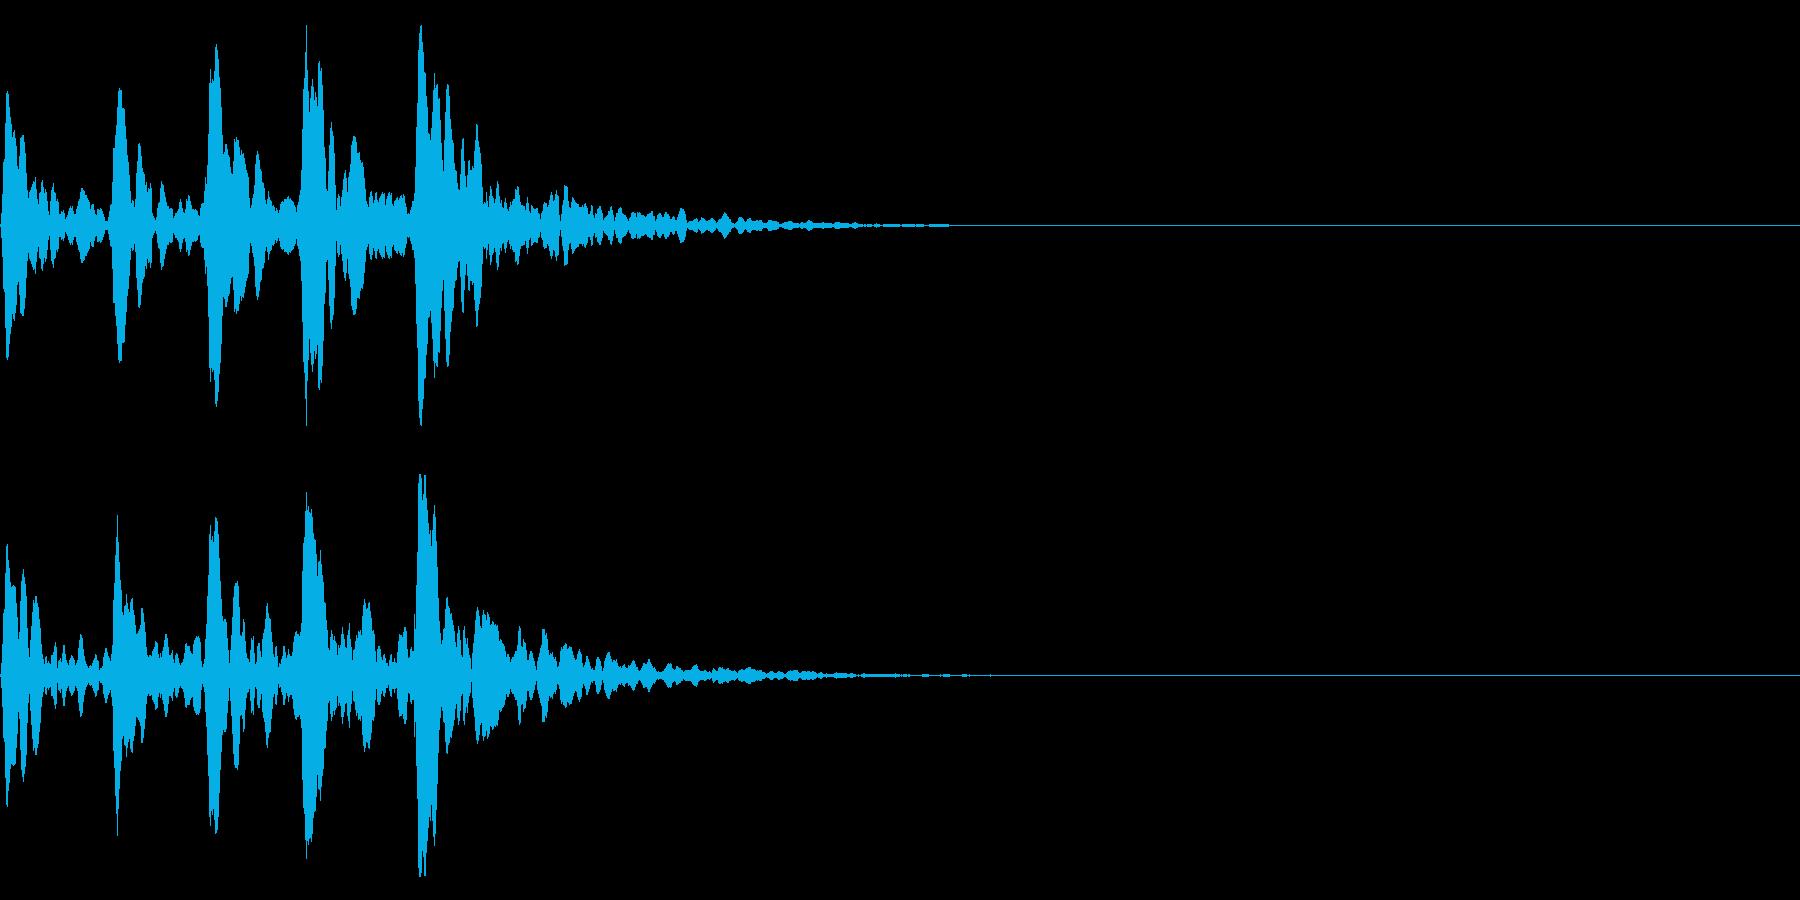 ポポポポポン!鼓の連打!エフェクト有の再生済みの波形